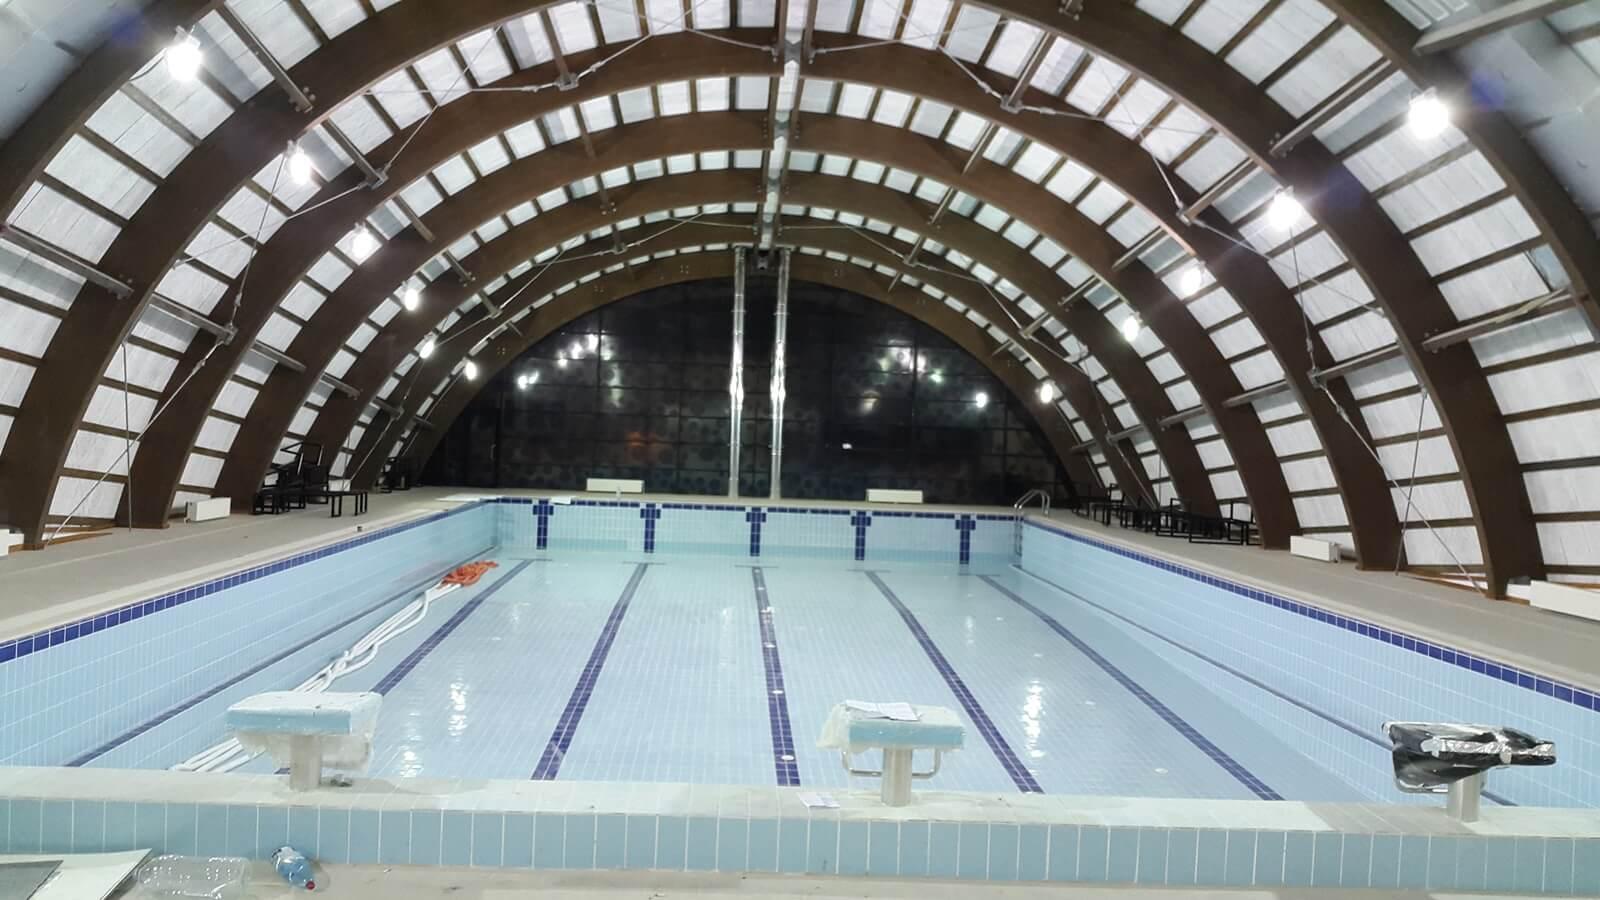 Piscina interioara din beton overflow piscine premium for Constructii piscine romania